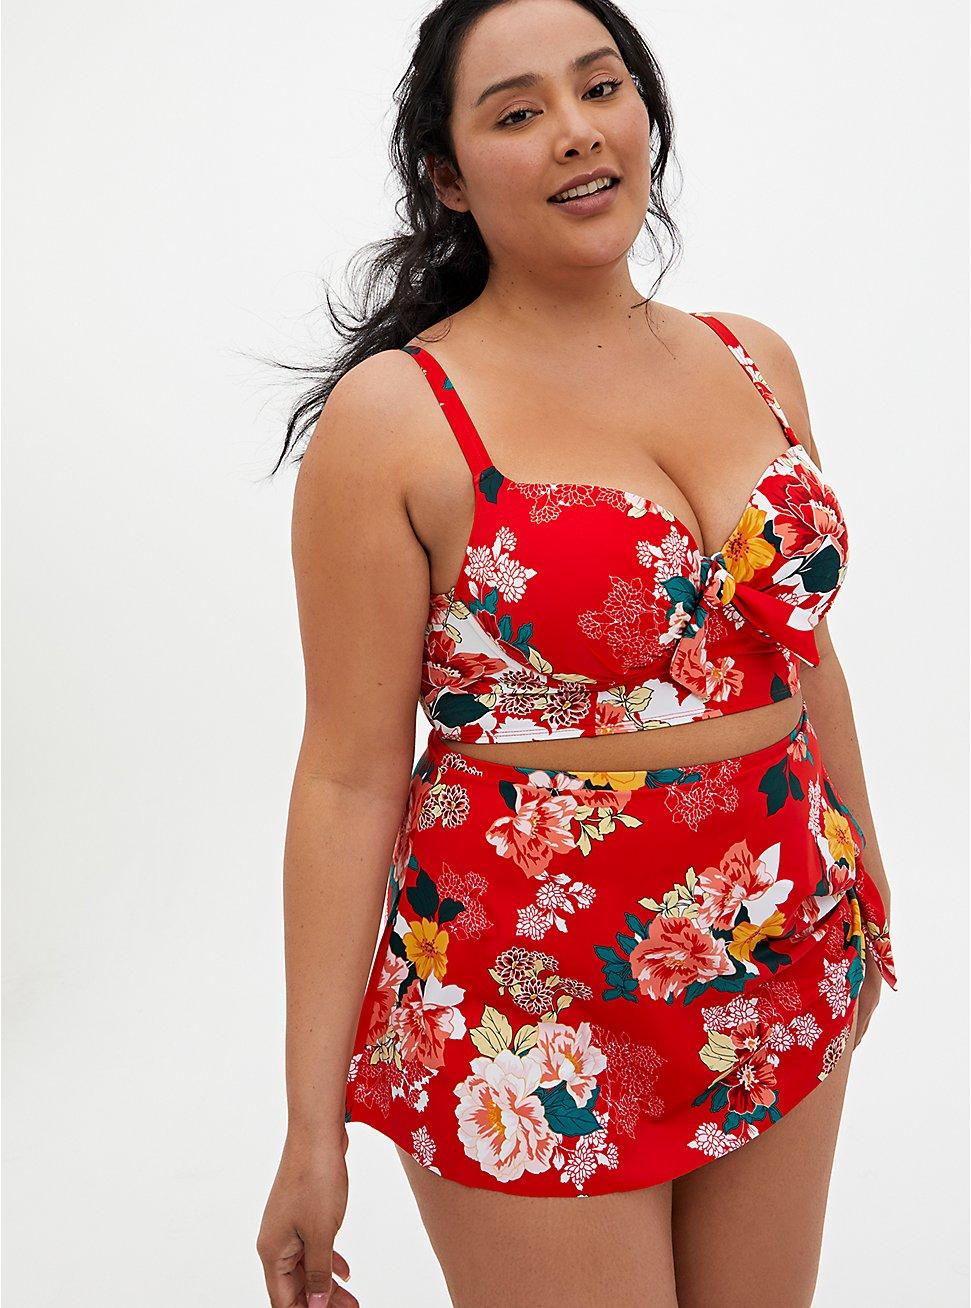 Bright Red Floral Tie-Front Underwire Bikini Top, MULTI, hi-res